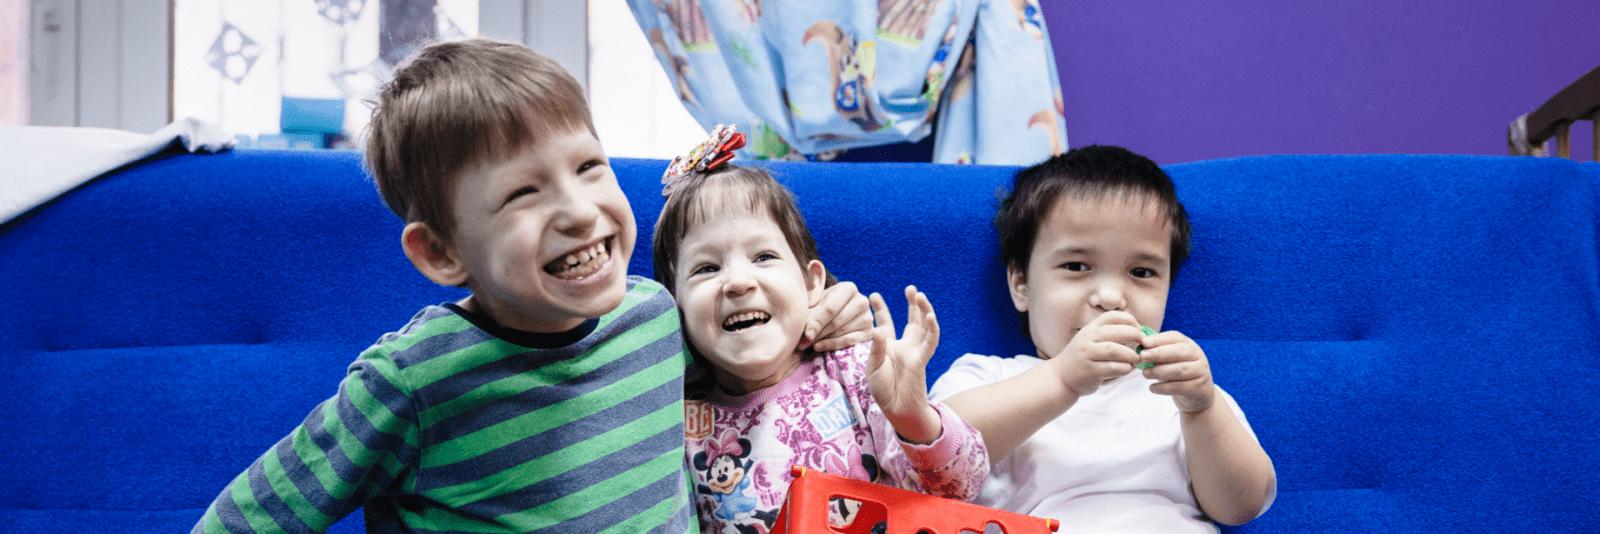 Счасливые дети